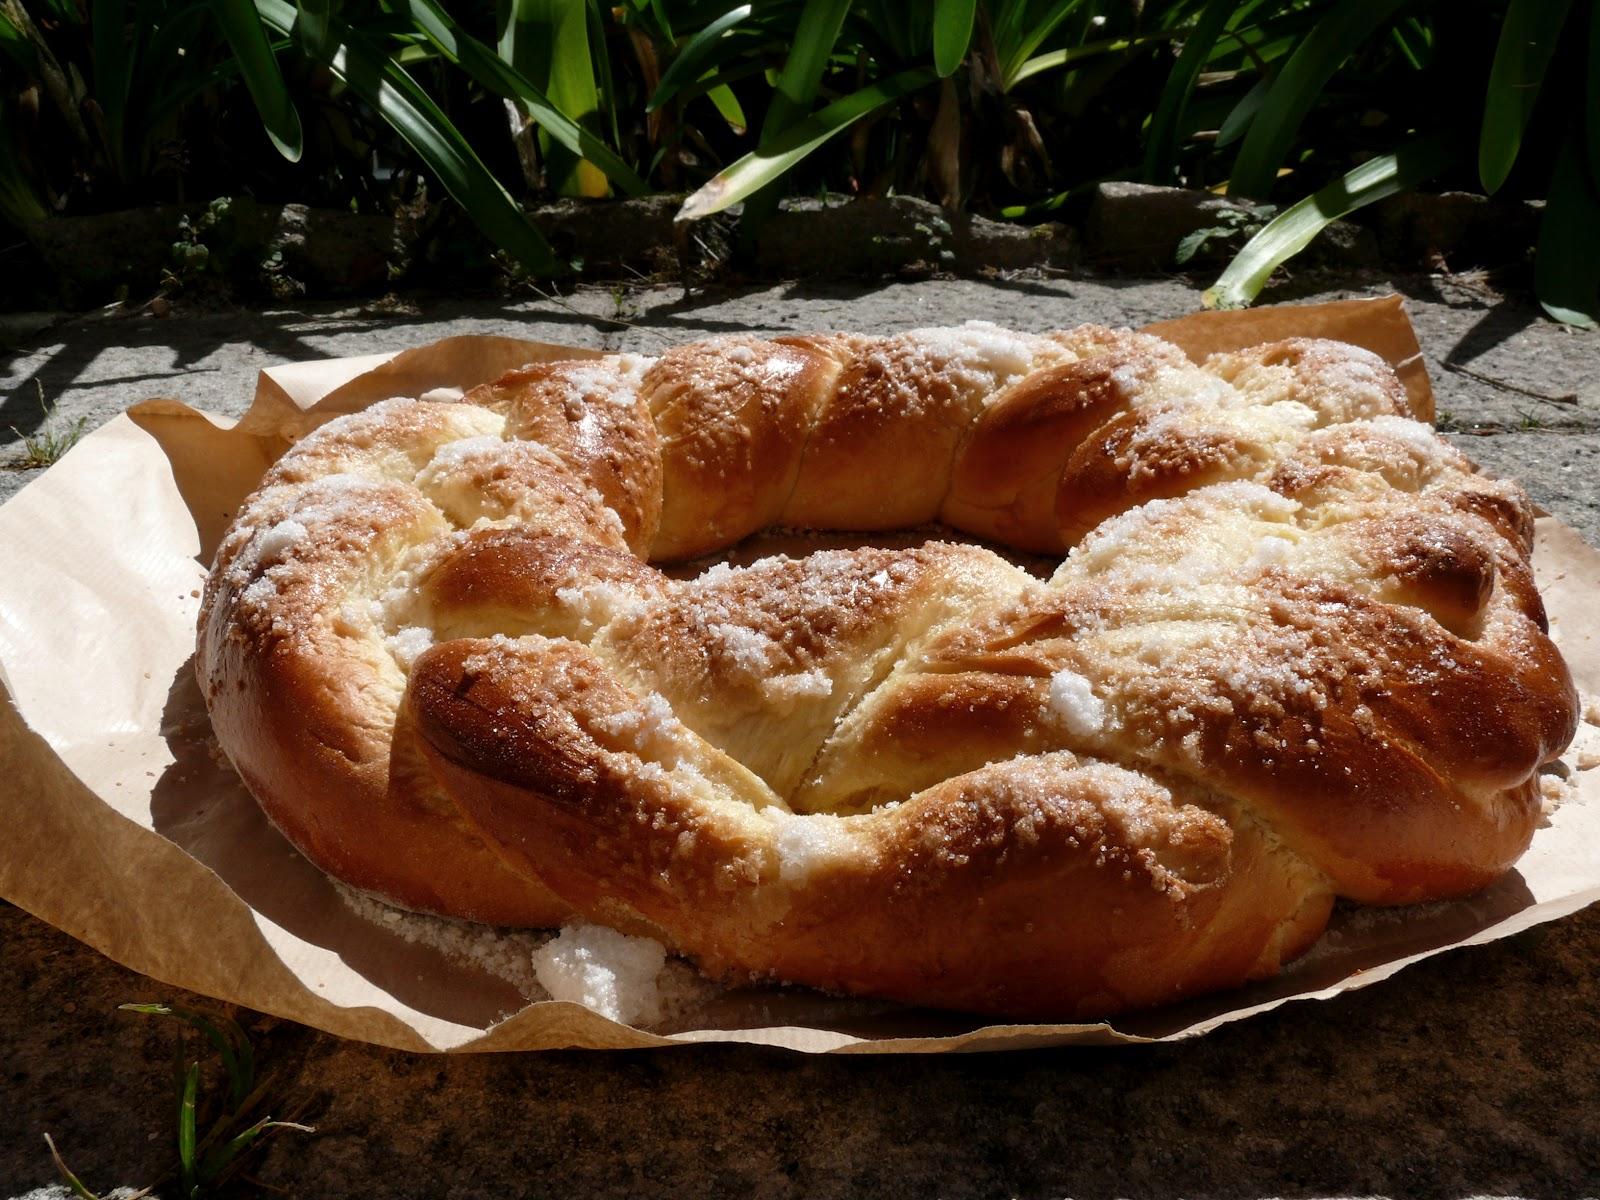 Cocina Sefardi | La Relacion Entre Cocina Sefardi Y Cocina Gallega Rosca Chaia